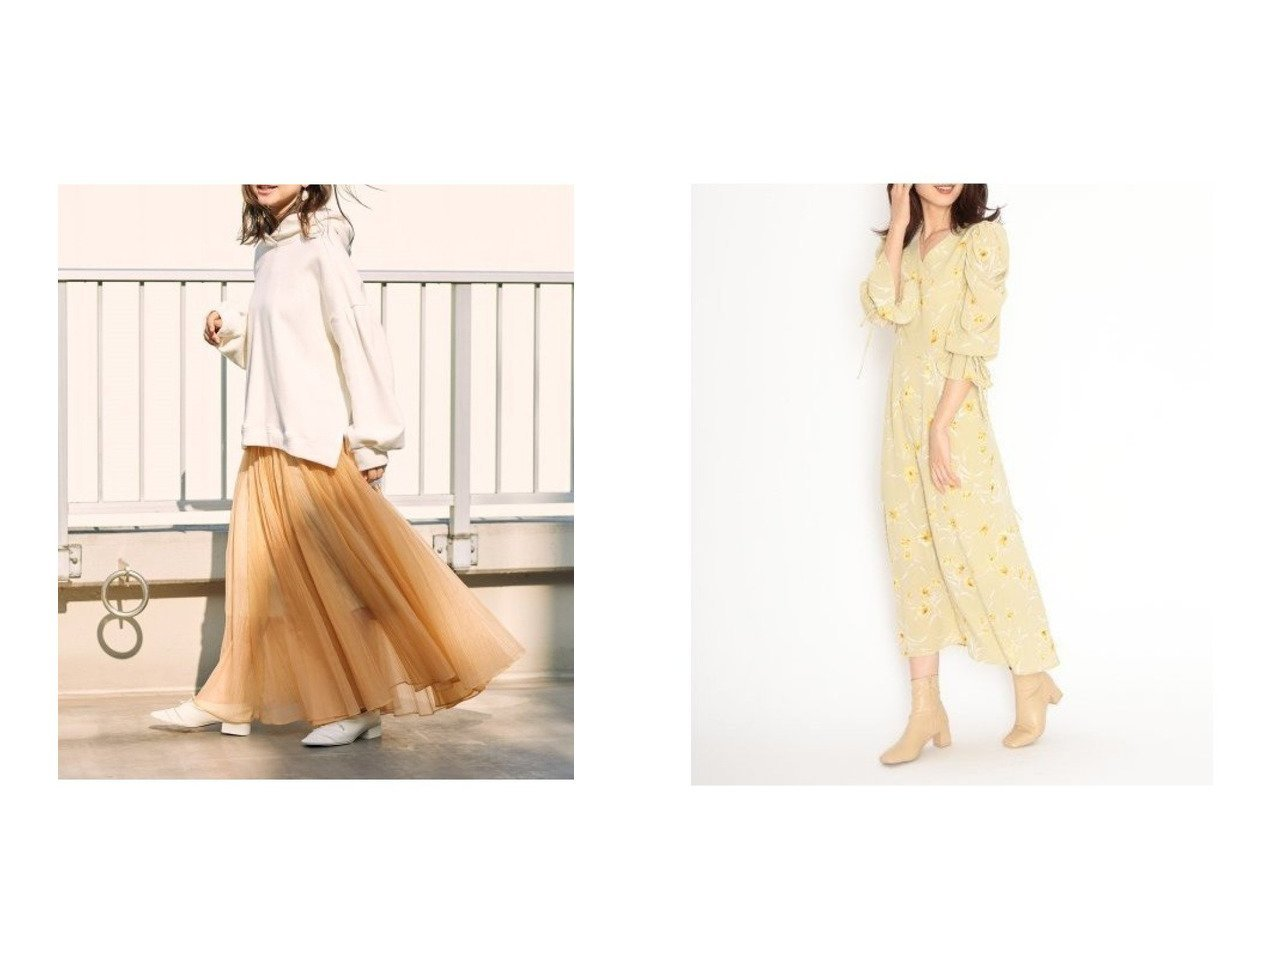 【SNIDEL/スナイデル】のパフスリーブプリントIラインワンピース&シアータックボリュームスカート SNIDELのおすすめ!人気、トレンド・レディースファッションの通販  おすすめで人気の流行・トレンド、ファッションの通販商品 メンズファッション・キッズファッション・インテリア・家具・レディースファッション・服の通販 founy(ファニー) https://founy.com/ ファッション Fashion レディースファッション WOMEN スカート Skirt ロングスカート Long Skirt ワンピース Dress エアリー オレンジ シアー フレア ミックス ロング 再入荷 Restock/Back in Stock/Re Arrival |ID:crp329100000018691